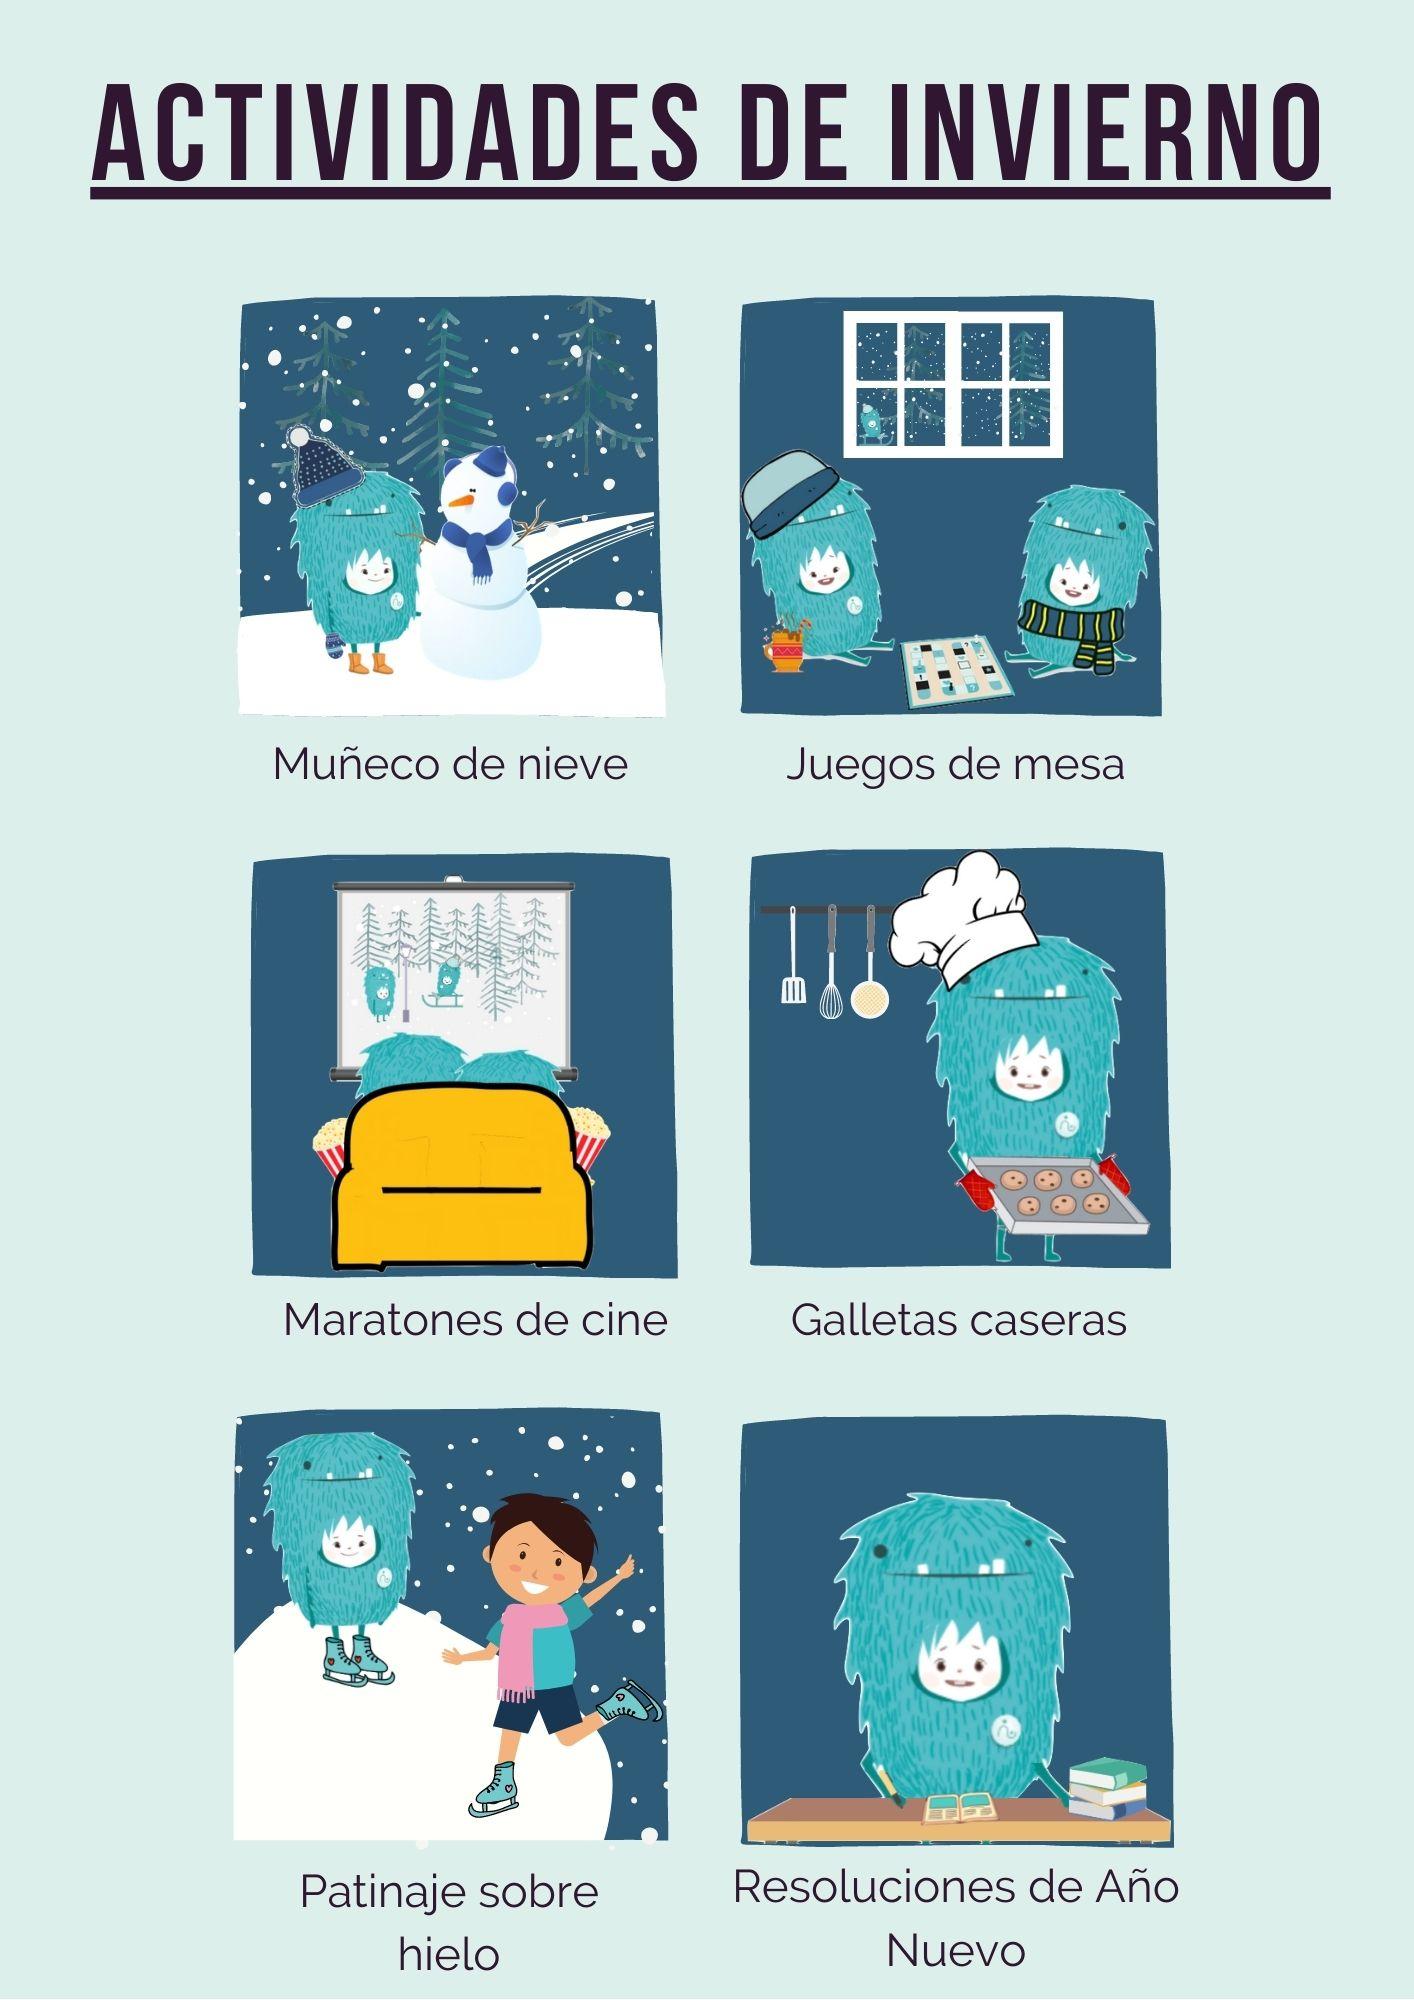 Actividades de invierno para niños